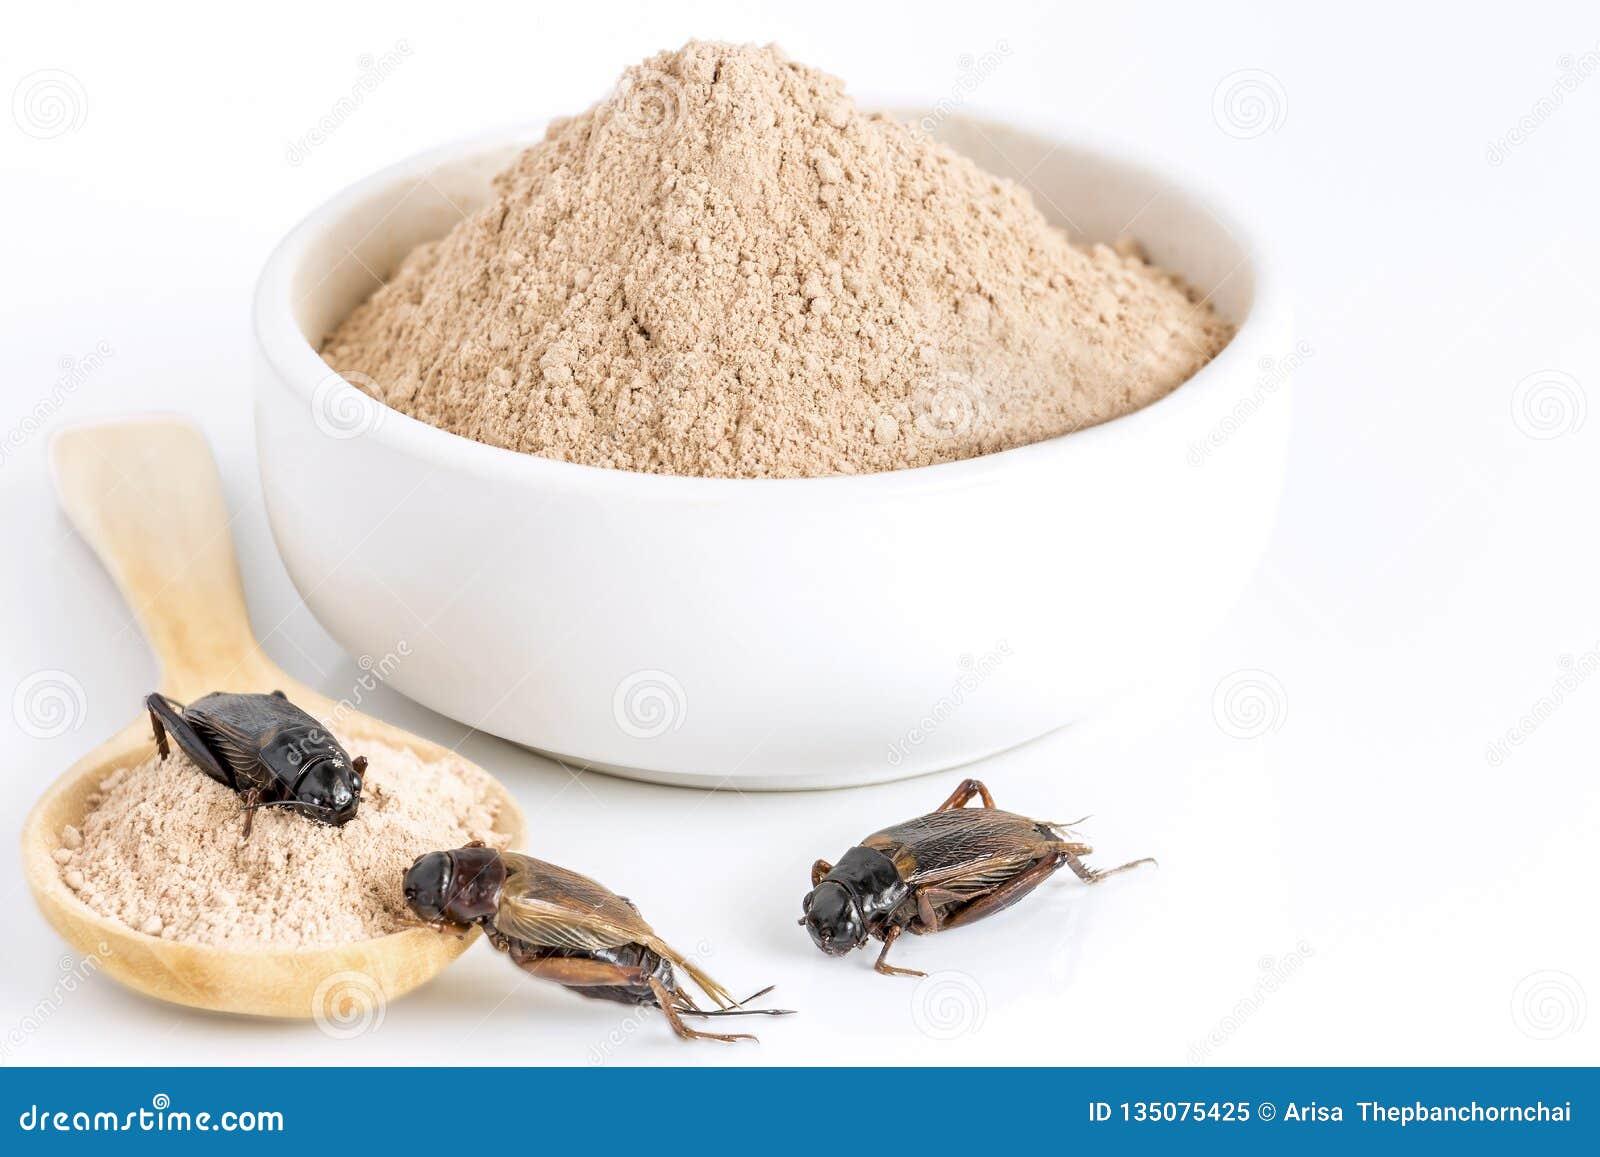 蟋蟀吃的粉末昆虫当食品项目由在碗的煮熟的昆虫肉和木匙子制成在白色背景是好